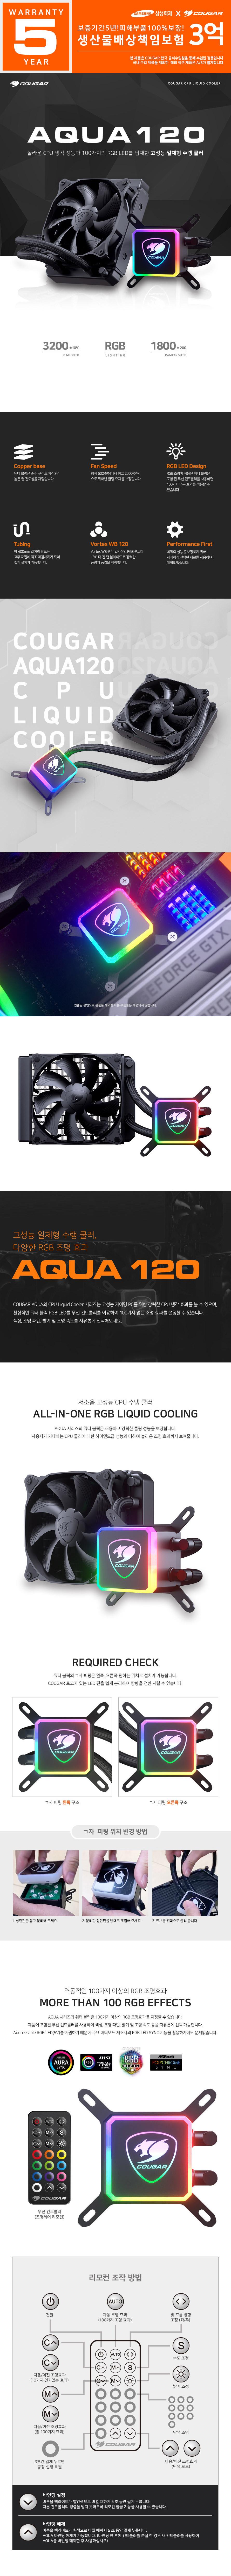 AQUA-120_1.jpg